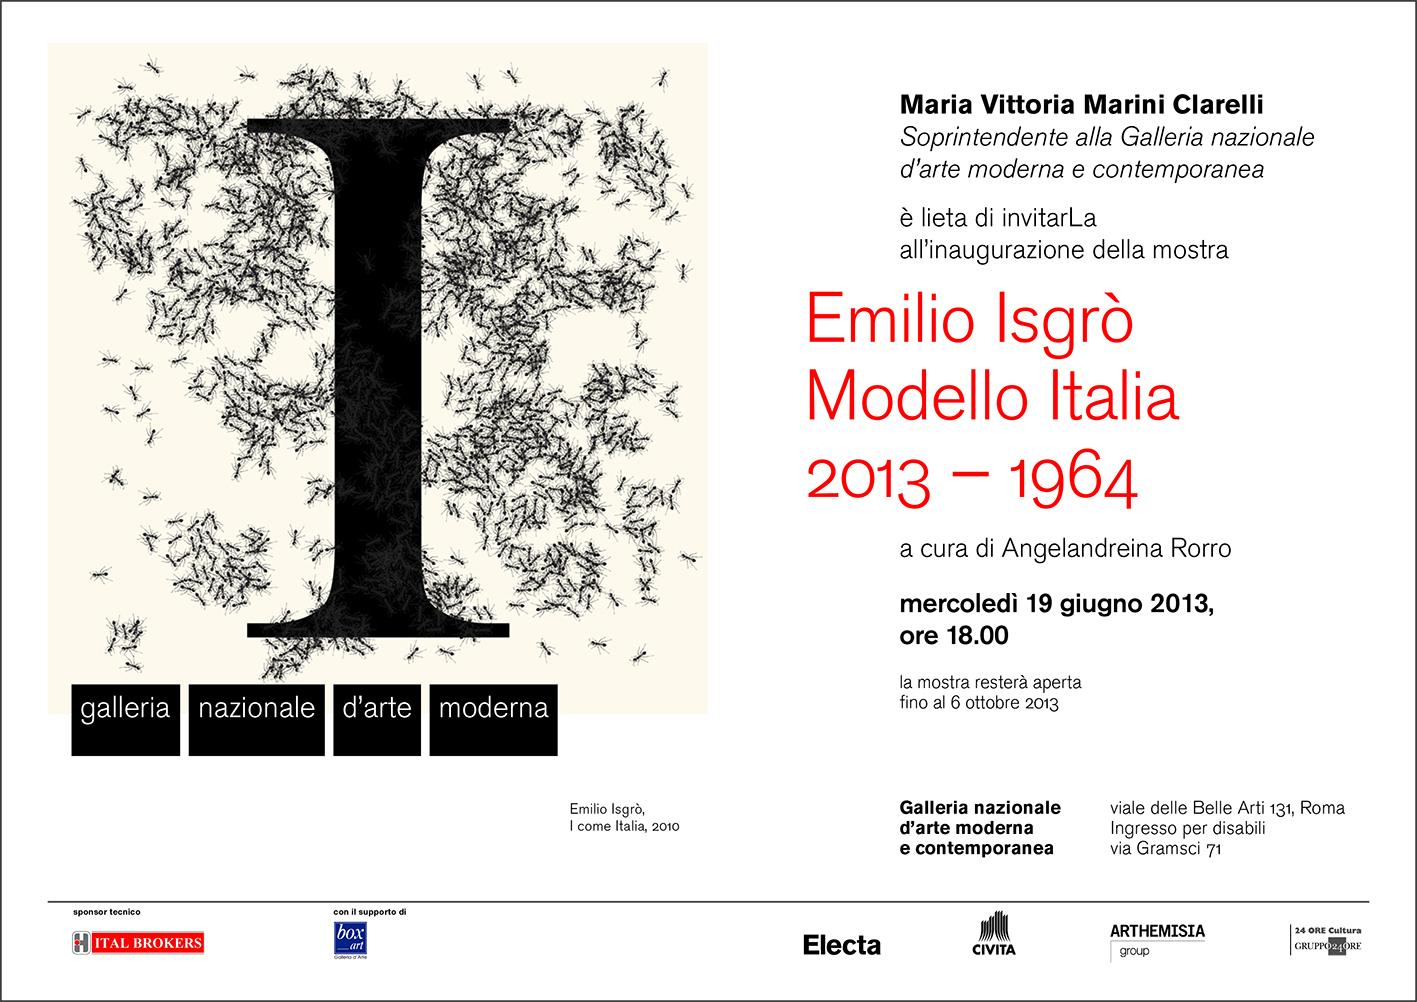 Calendario Rivoluzionario Francese Treccani.Modello Italia 2013 1964 Galleria D Arte Boxart